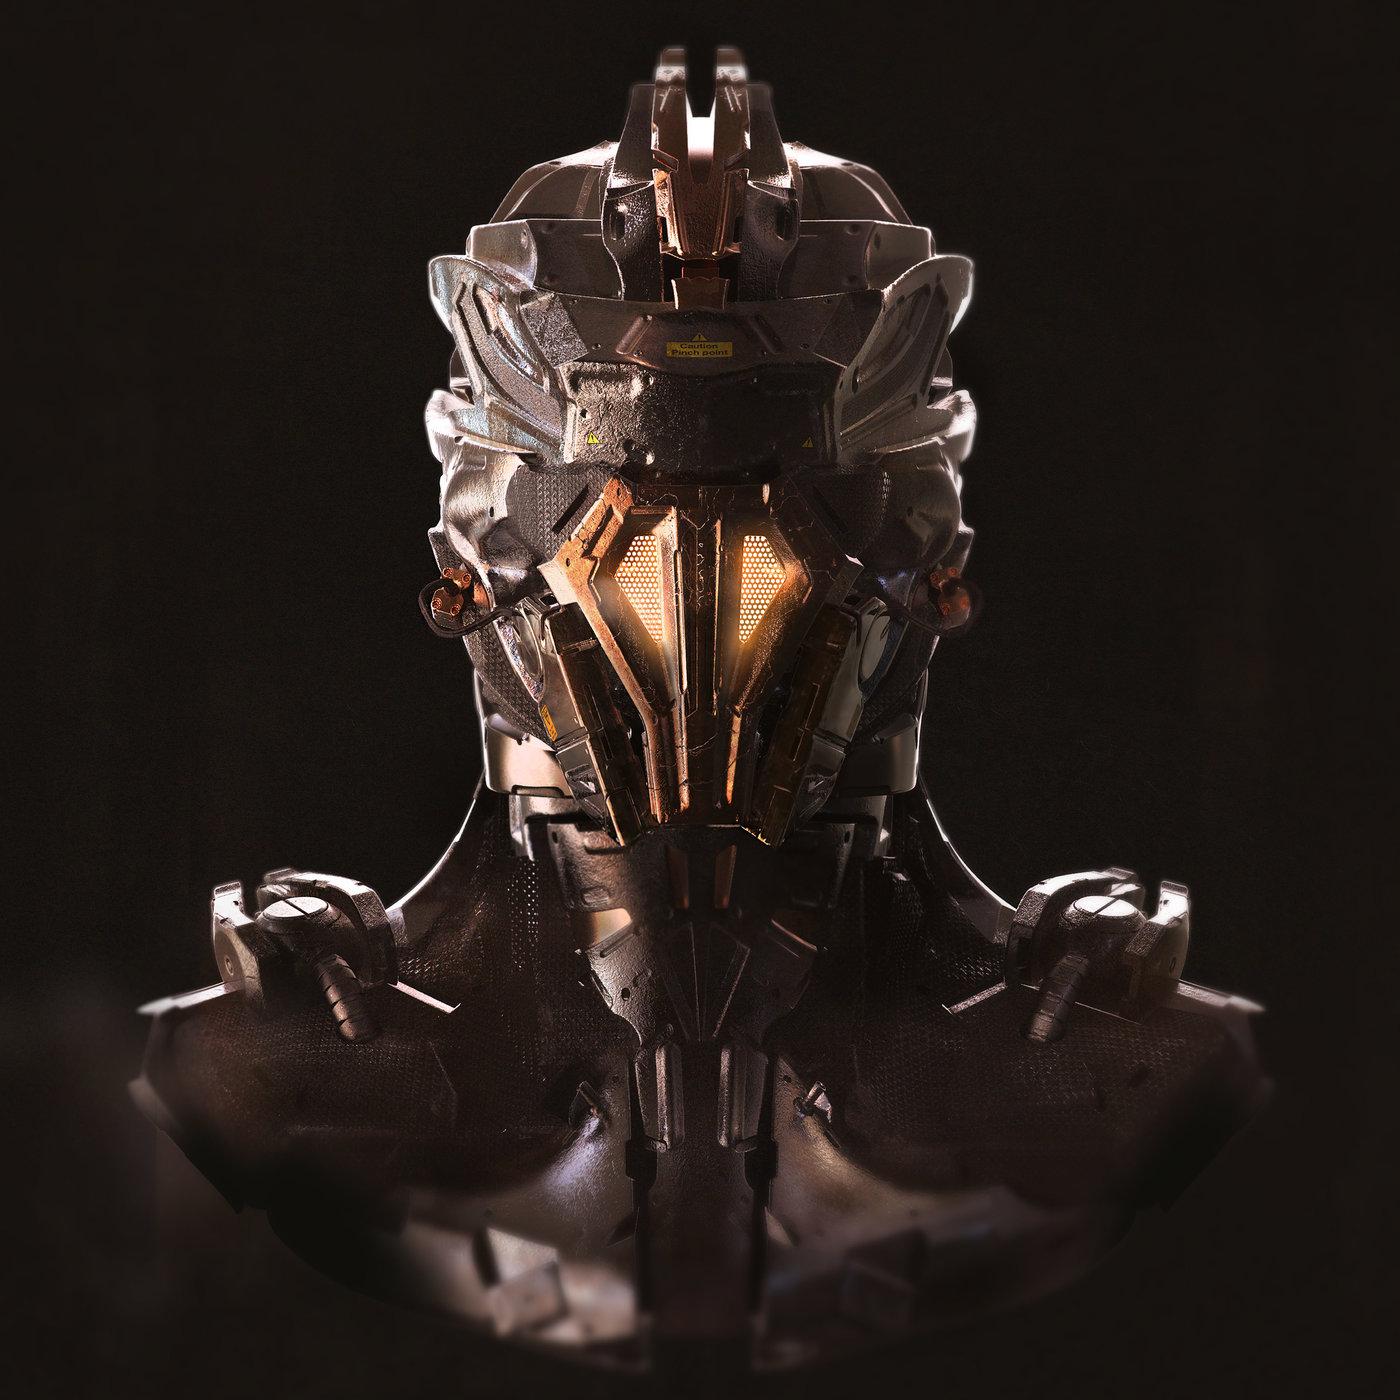 robothead concept design